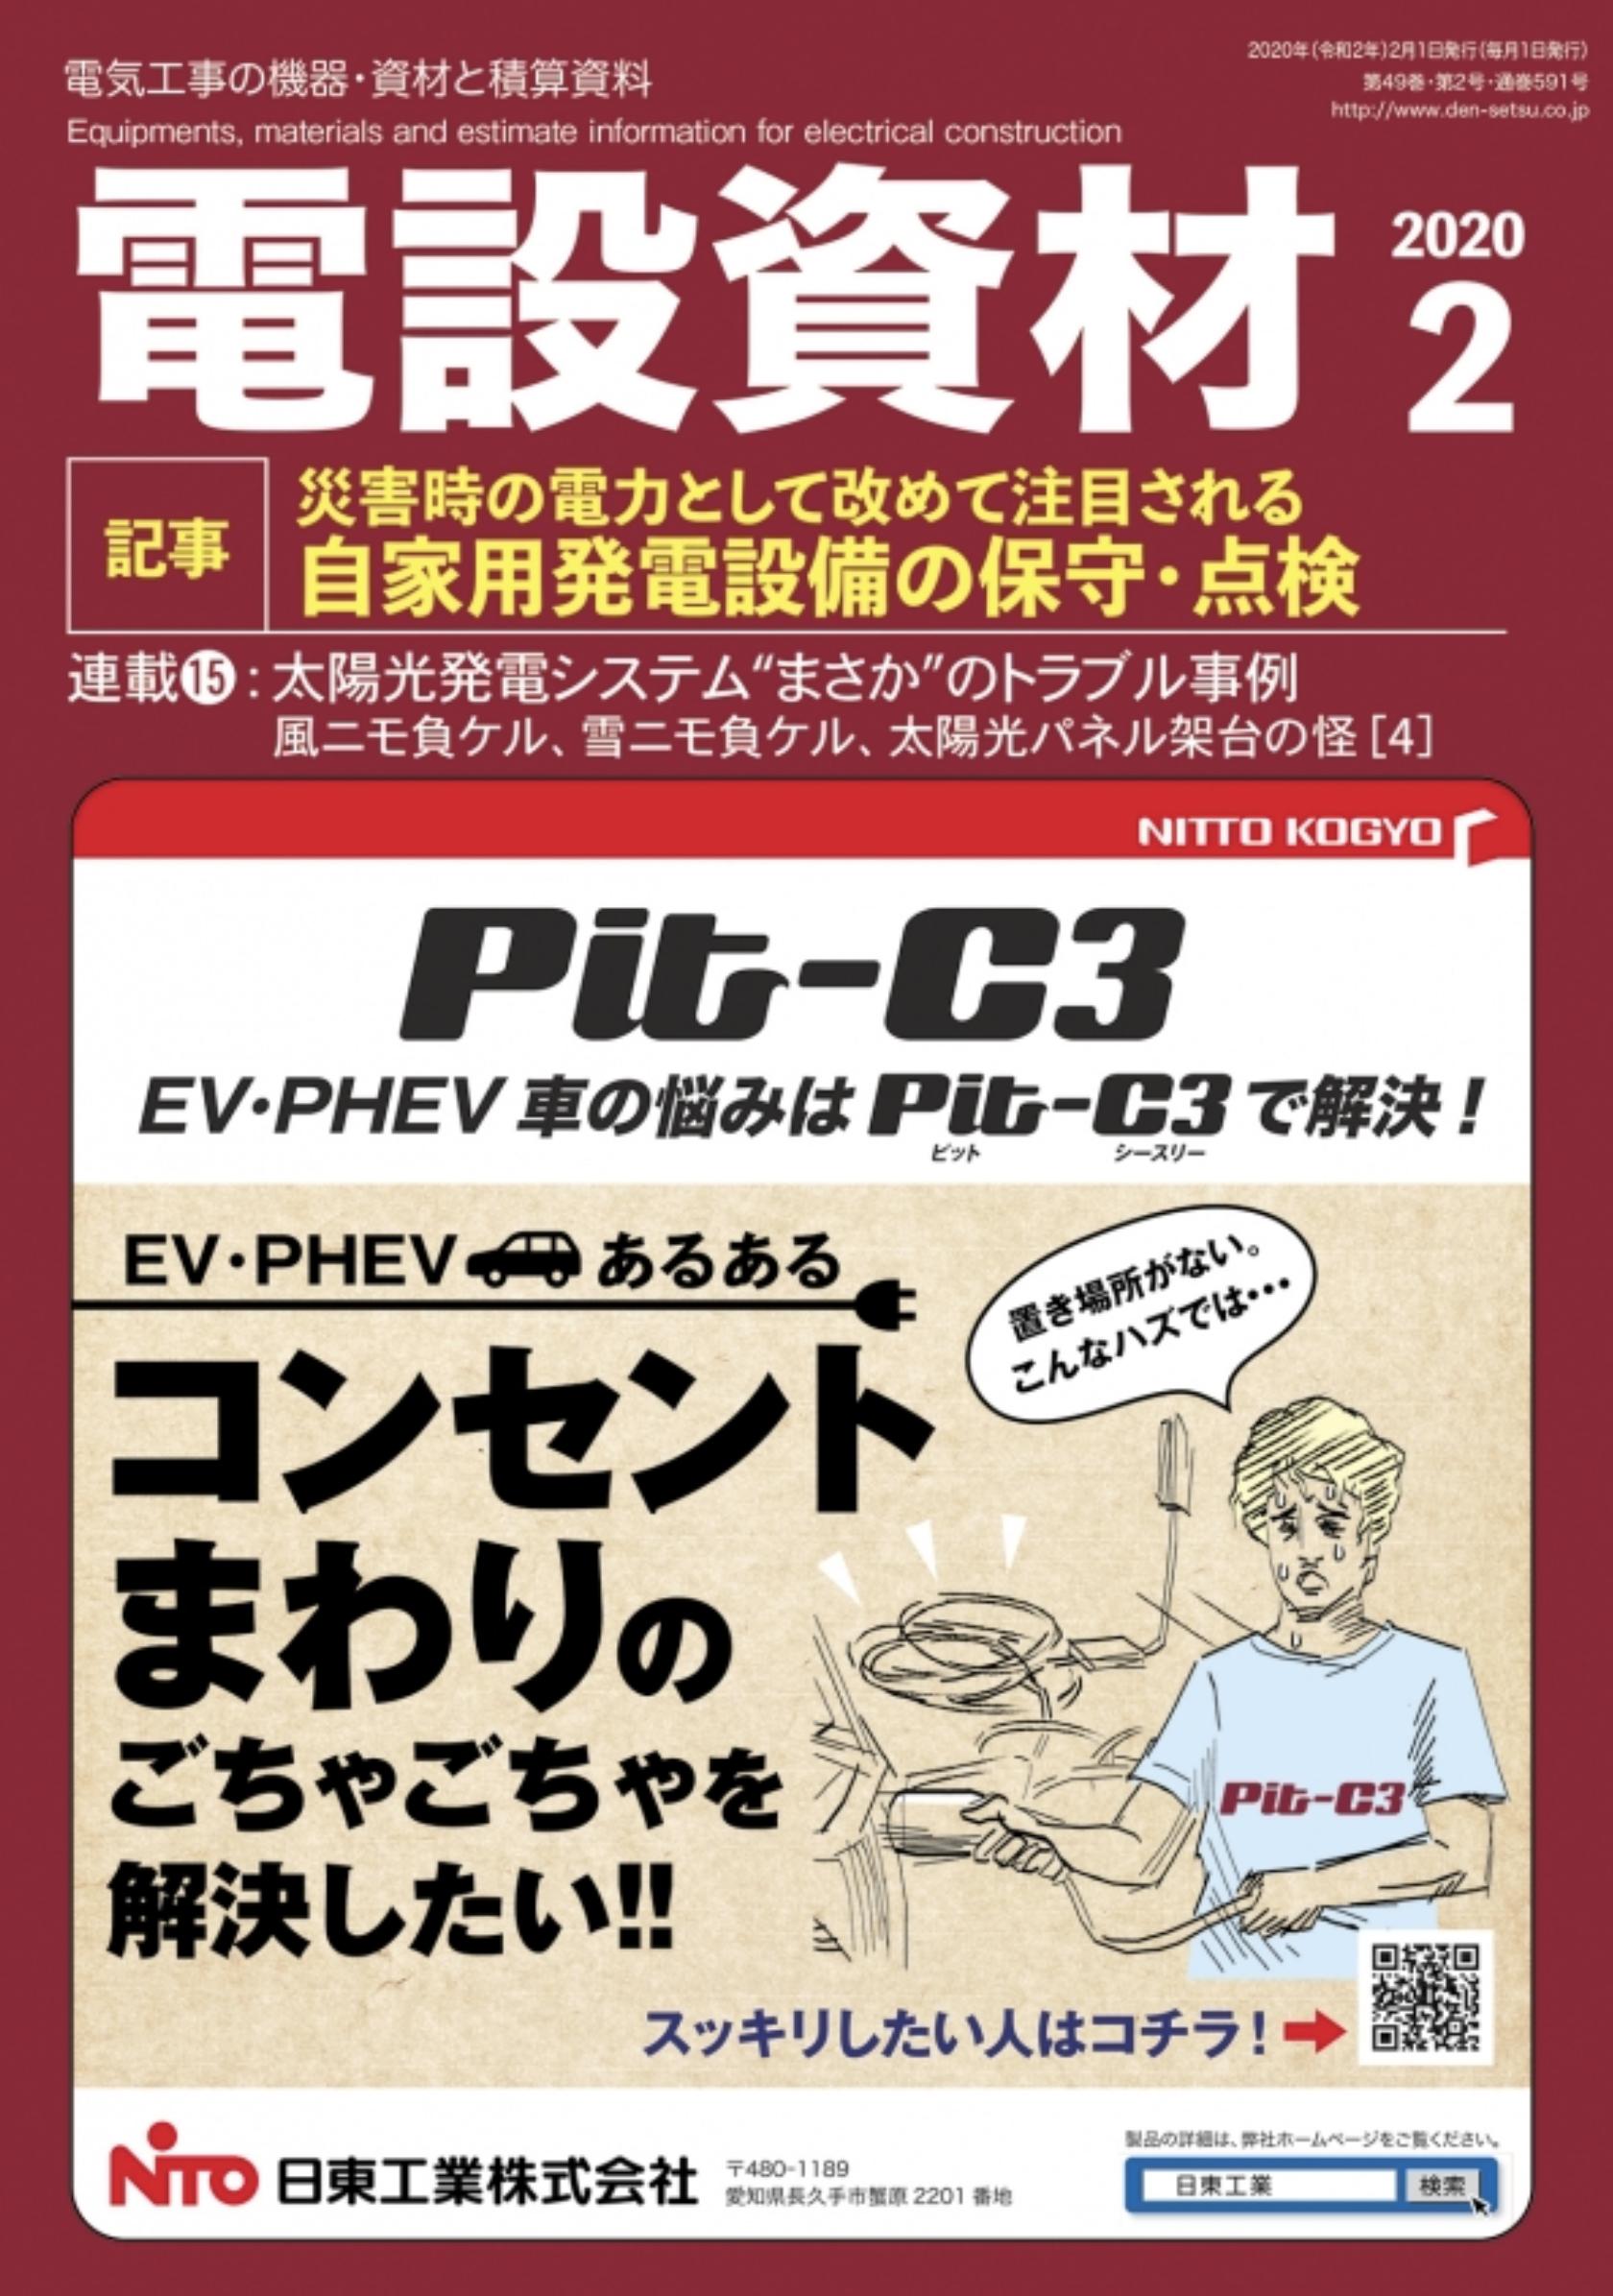 【新刊トピックス】月刊電設資材 2020年2月号の画像